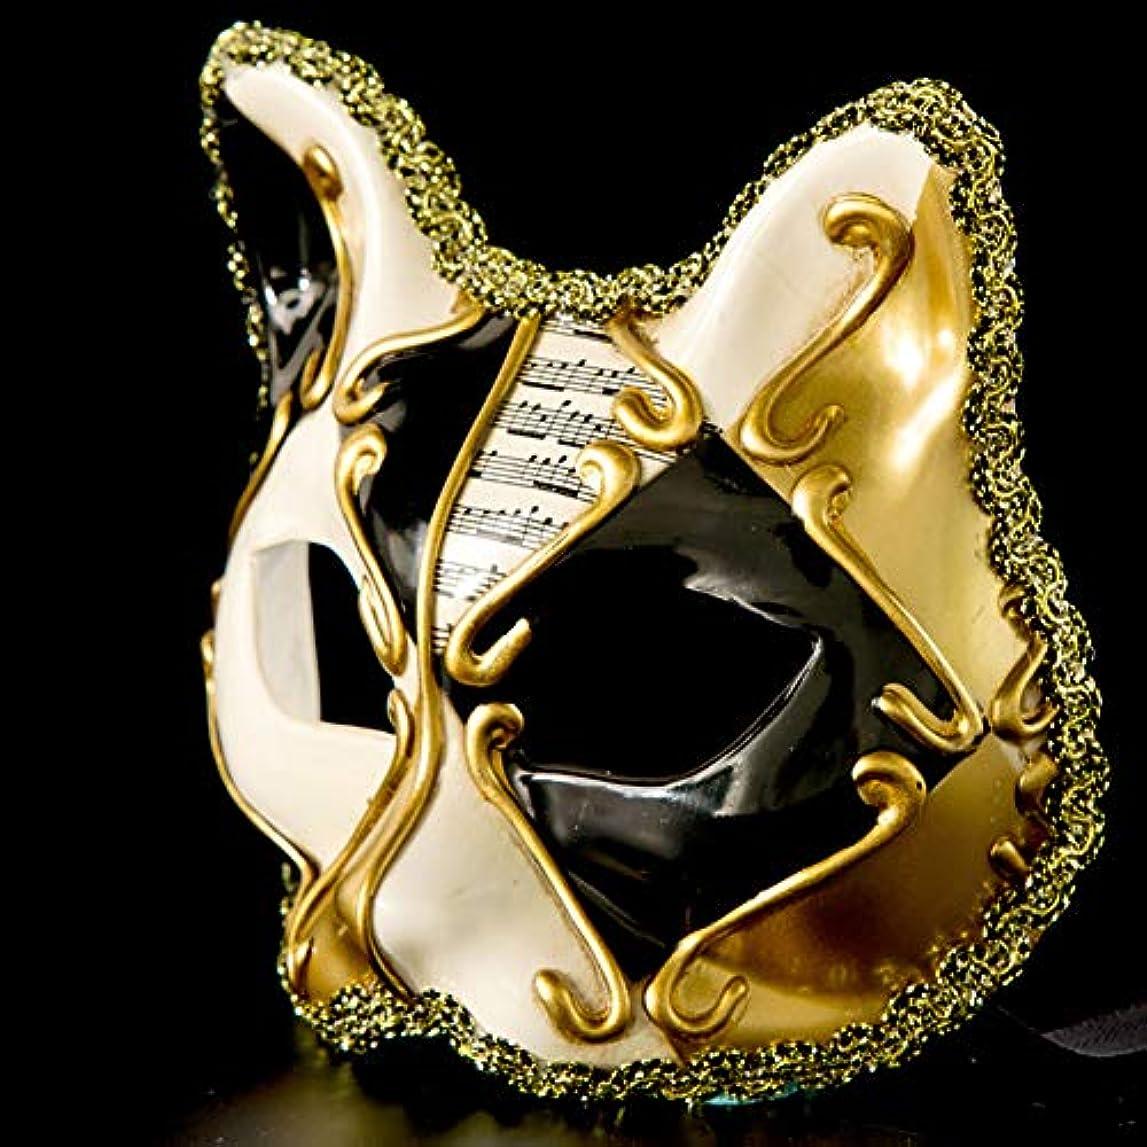 ピンポイント共感する軽減マスクベネチアン子猫マスク子供仮装ボールパーティー,イエロー